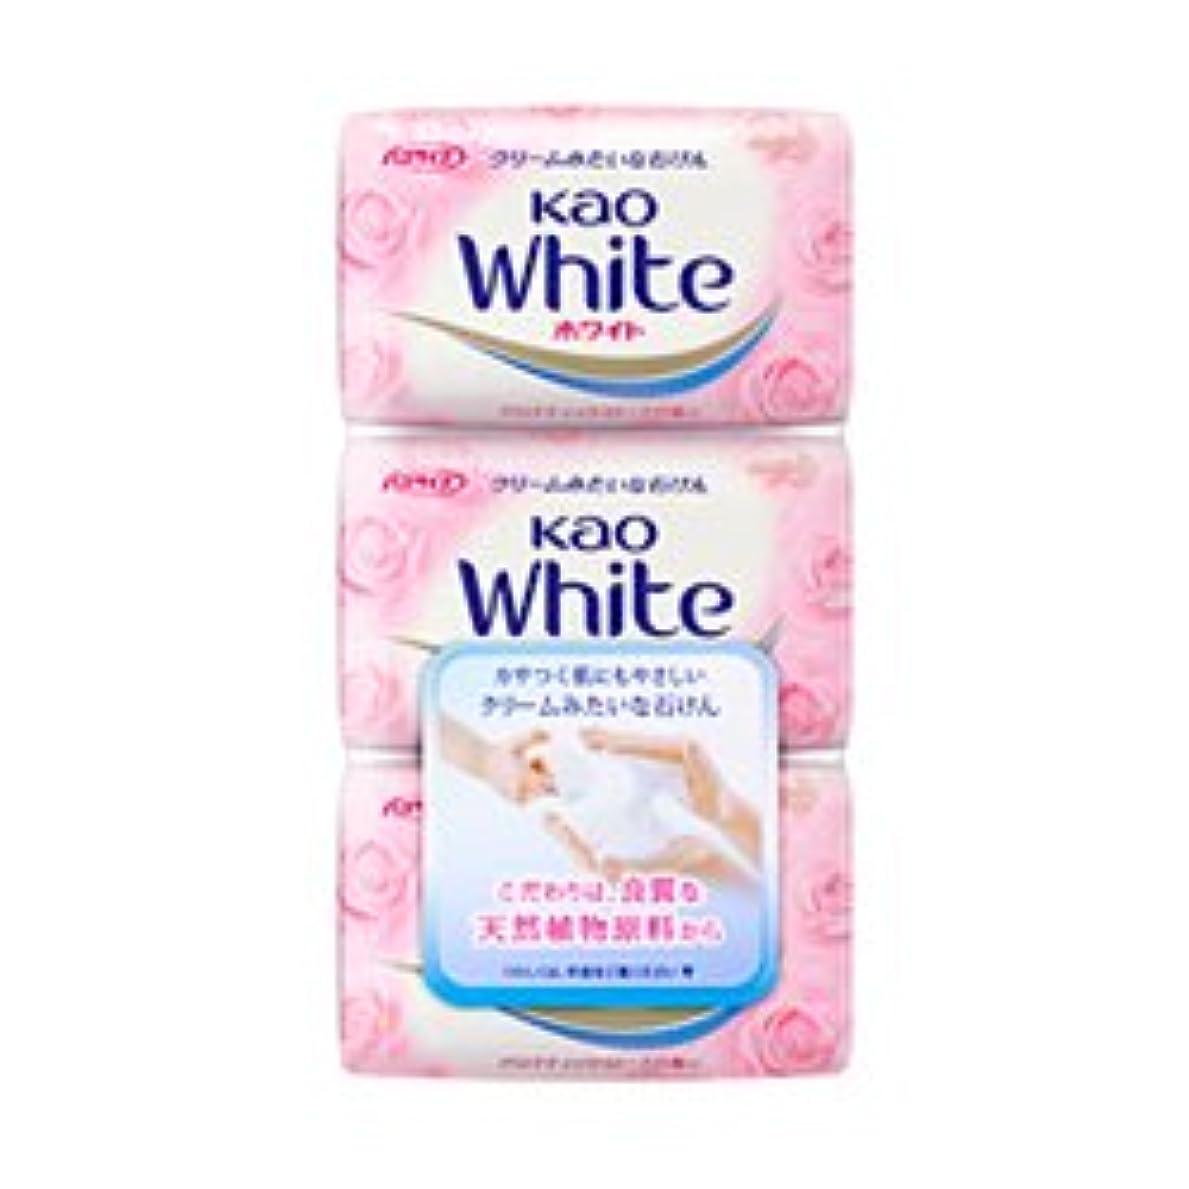 野な靴下不完全な【花王】花王ホワイト アロマティックローズの香り バスサイズ (130g×3個) ×20個セット